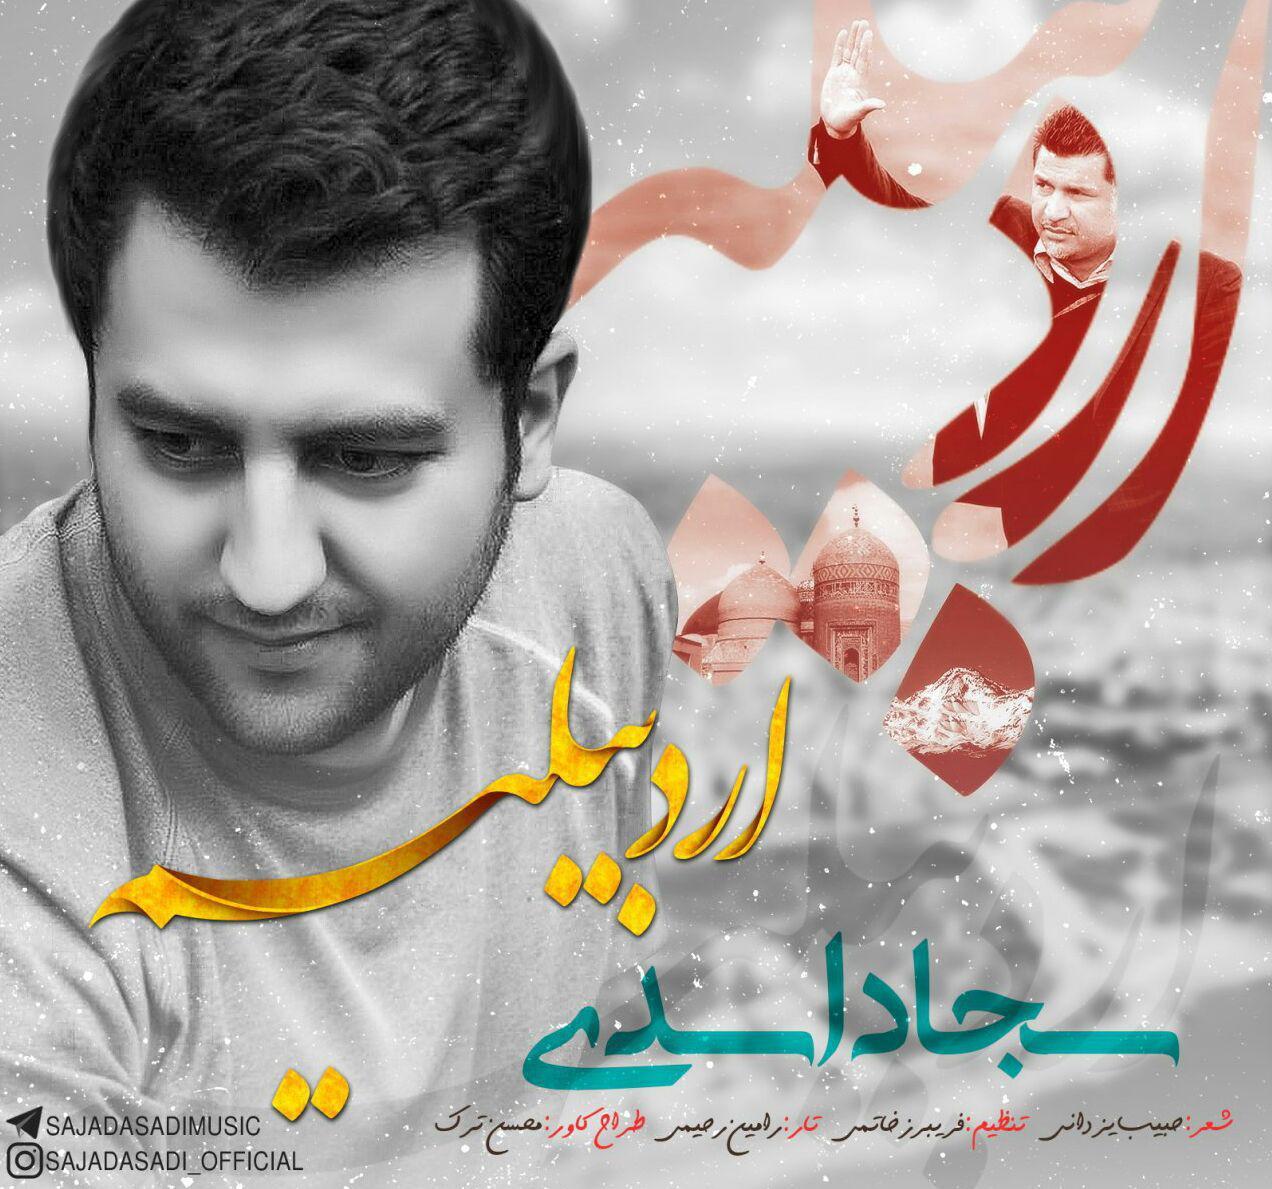 دانلود آهنگ جدید سجاد اسدی به نام اردبیلیم